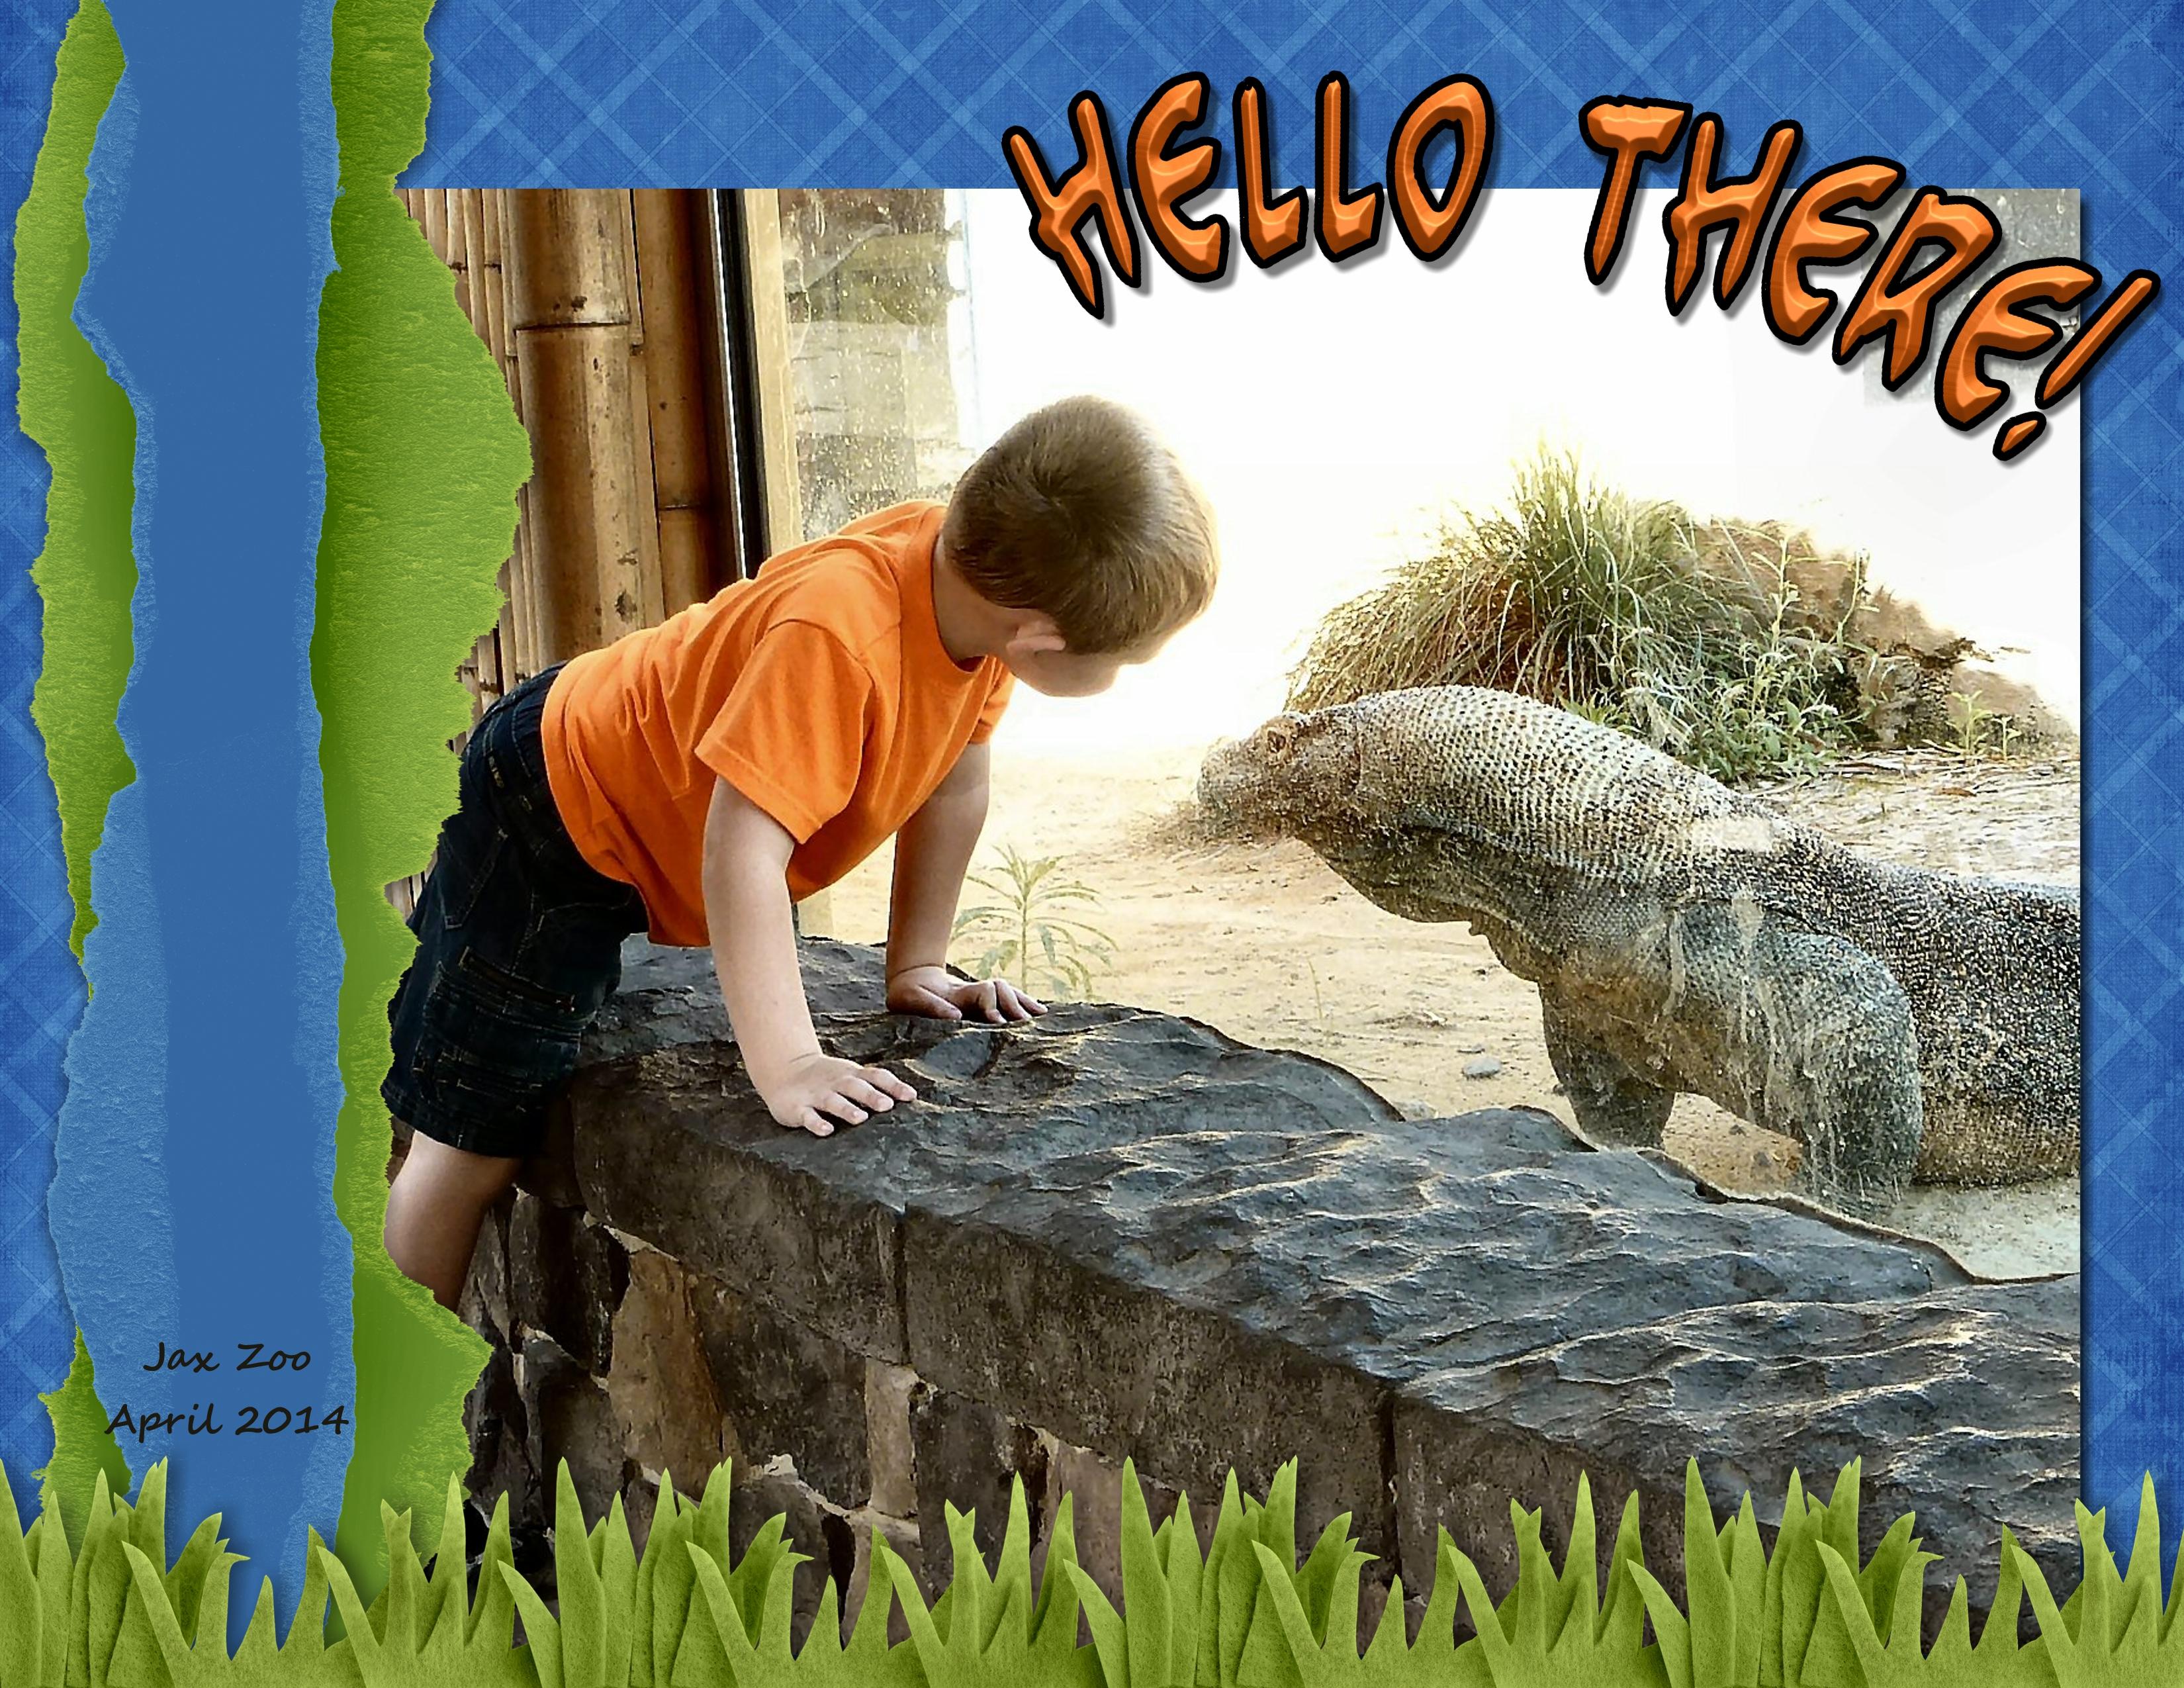 2014-jax zoo april 062-001.jpg